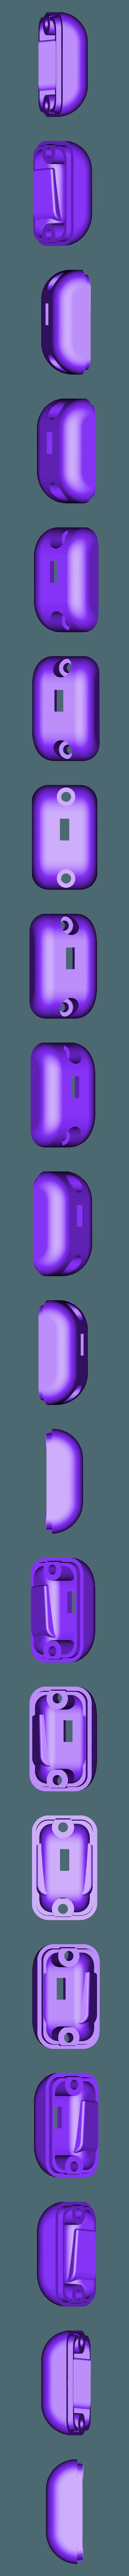 Bottom_V3.stl Télécharger fichier STL gratuit BTRemote 4/5 axes, télécommande à une main avec gyroscope, Bluetooth, écran • Plan à imprimer en 3D, kasinatorhh